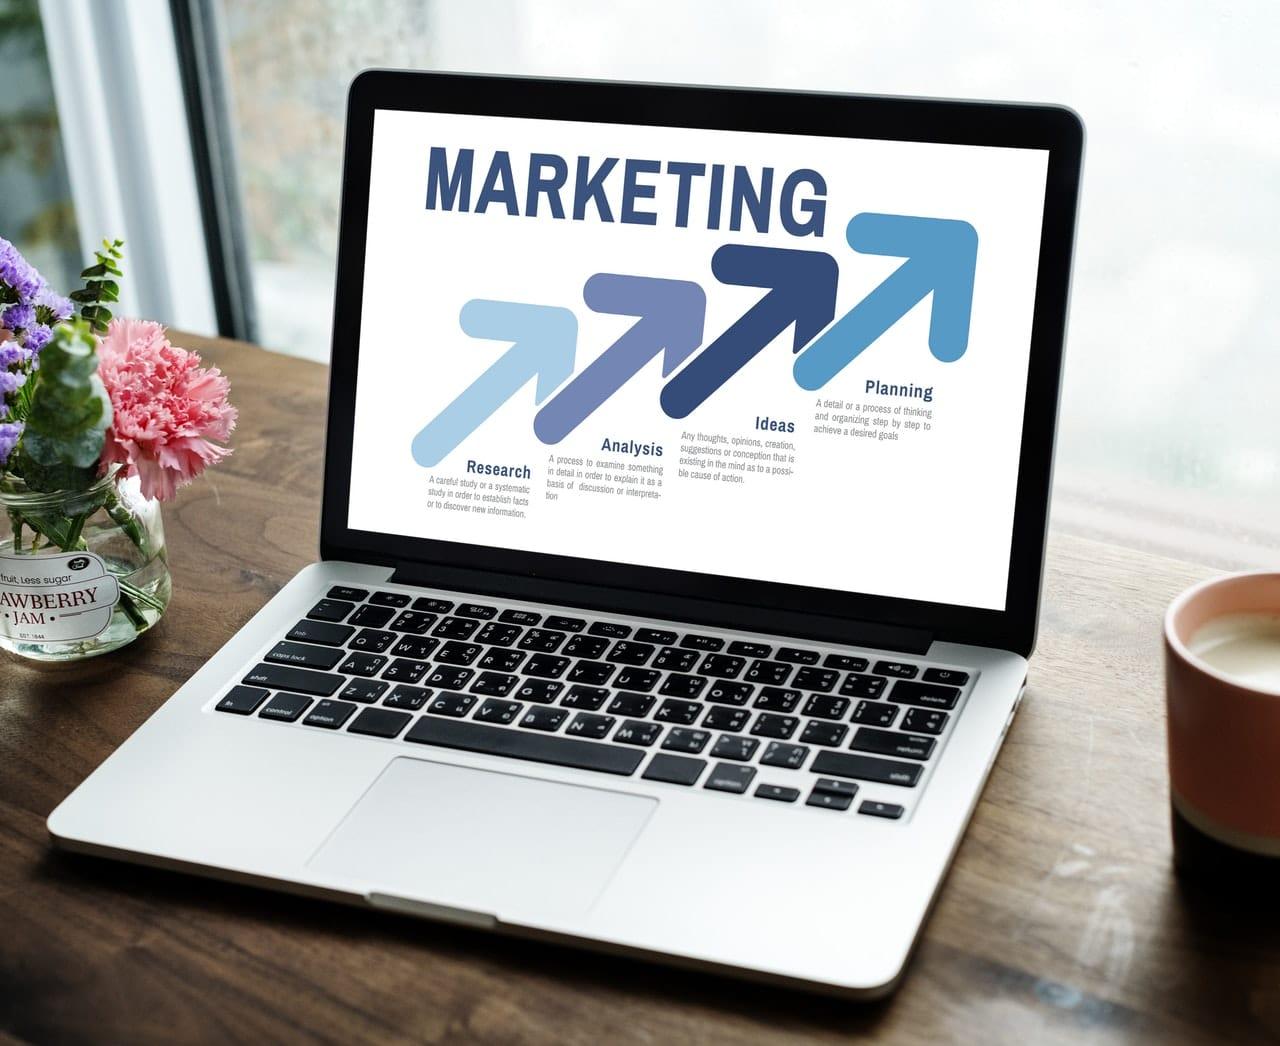 Vital Digital Marketing Tips Header Image